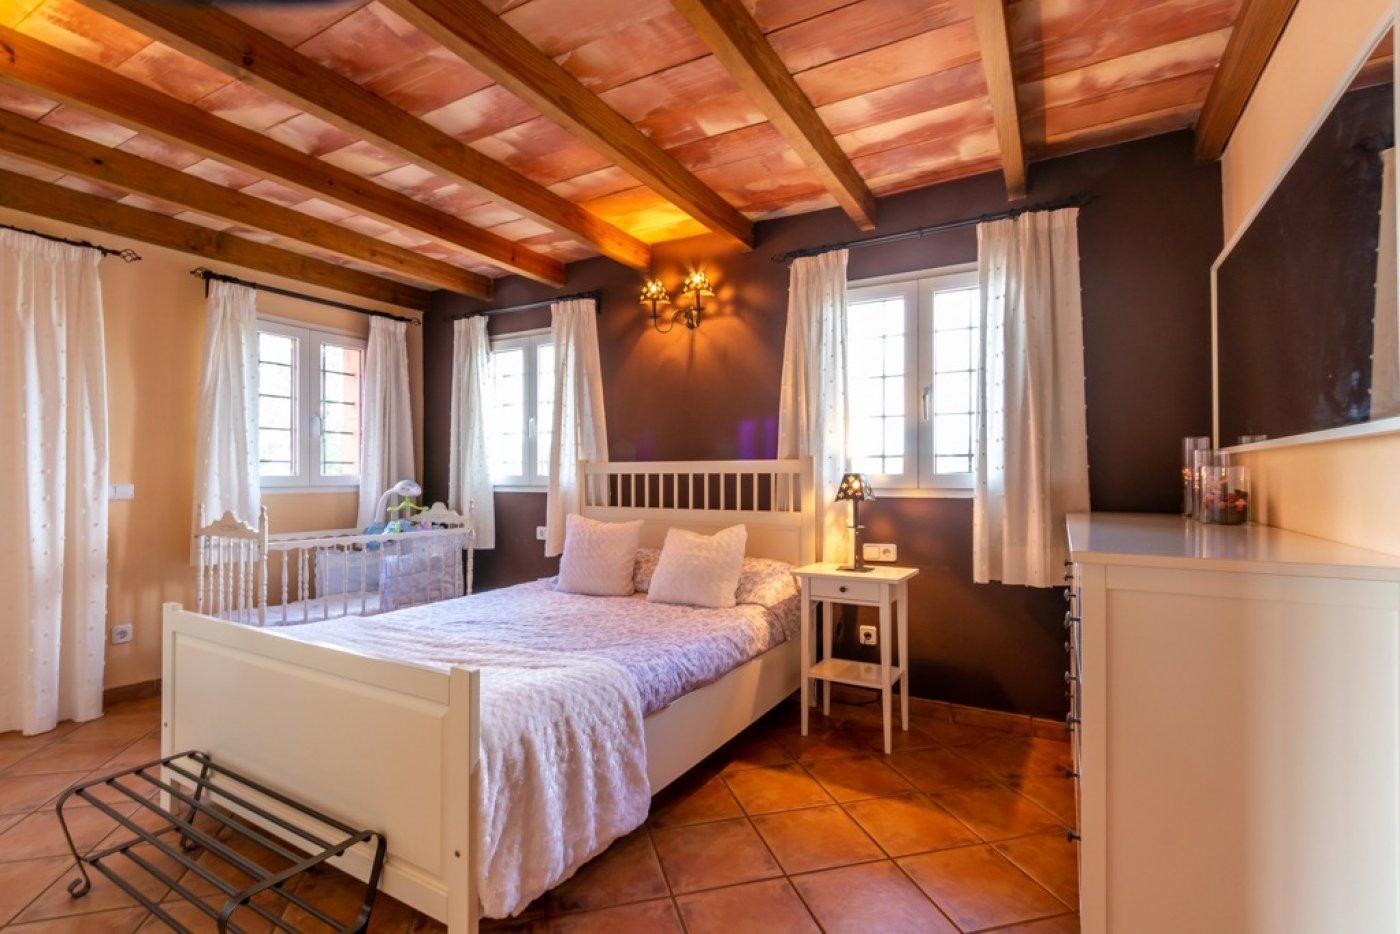 Magnifica villa en ses salines - can somni - ideal inversores turÍsticos - imagenInmueble26